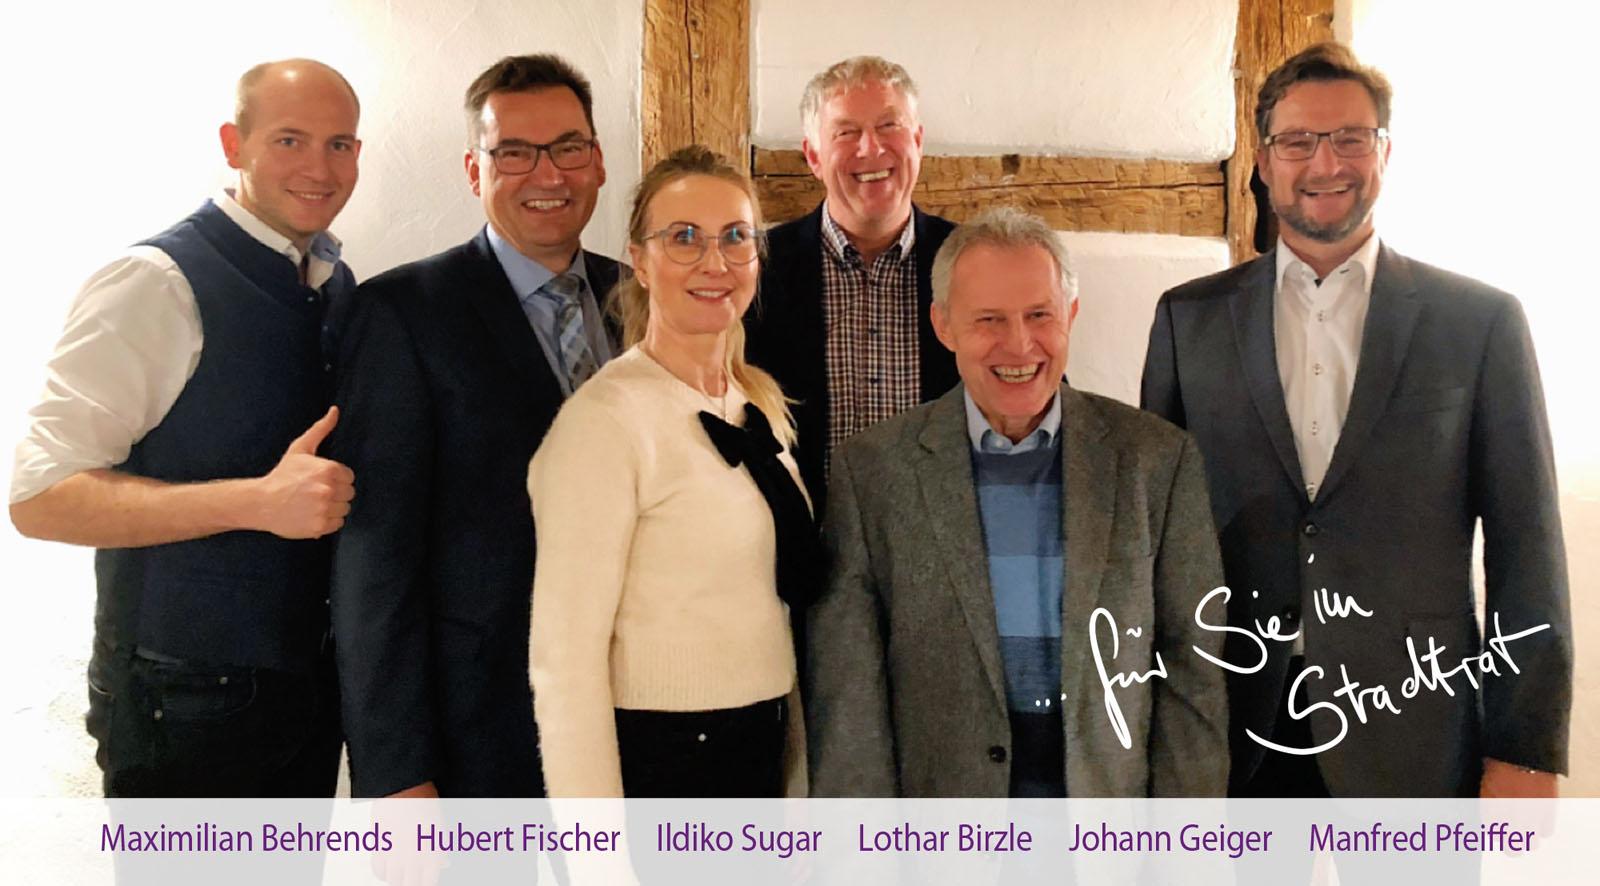 5 Stadträte und 1 Bürgermeister:miteinander, füreinander. Wir packen für uns alle an.